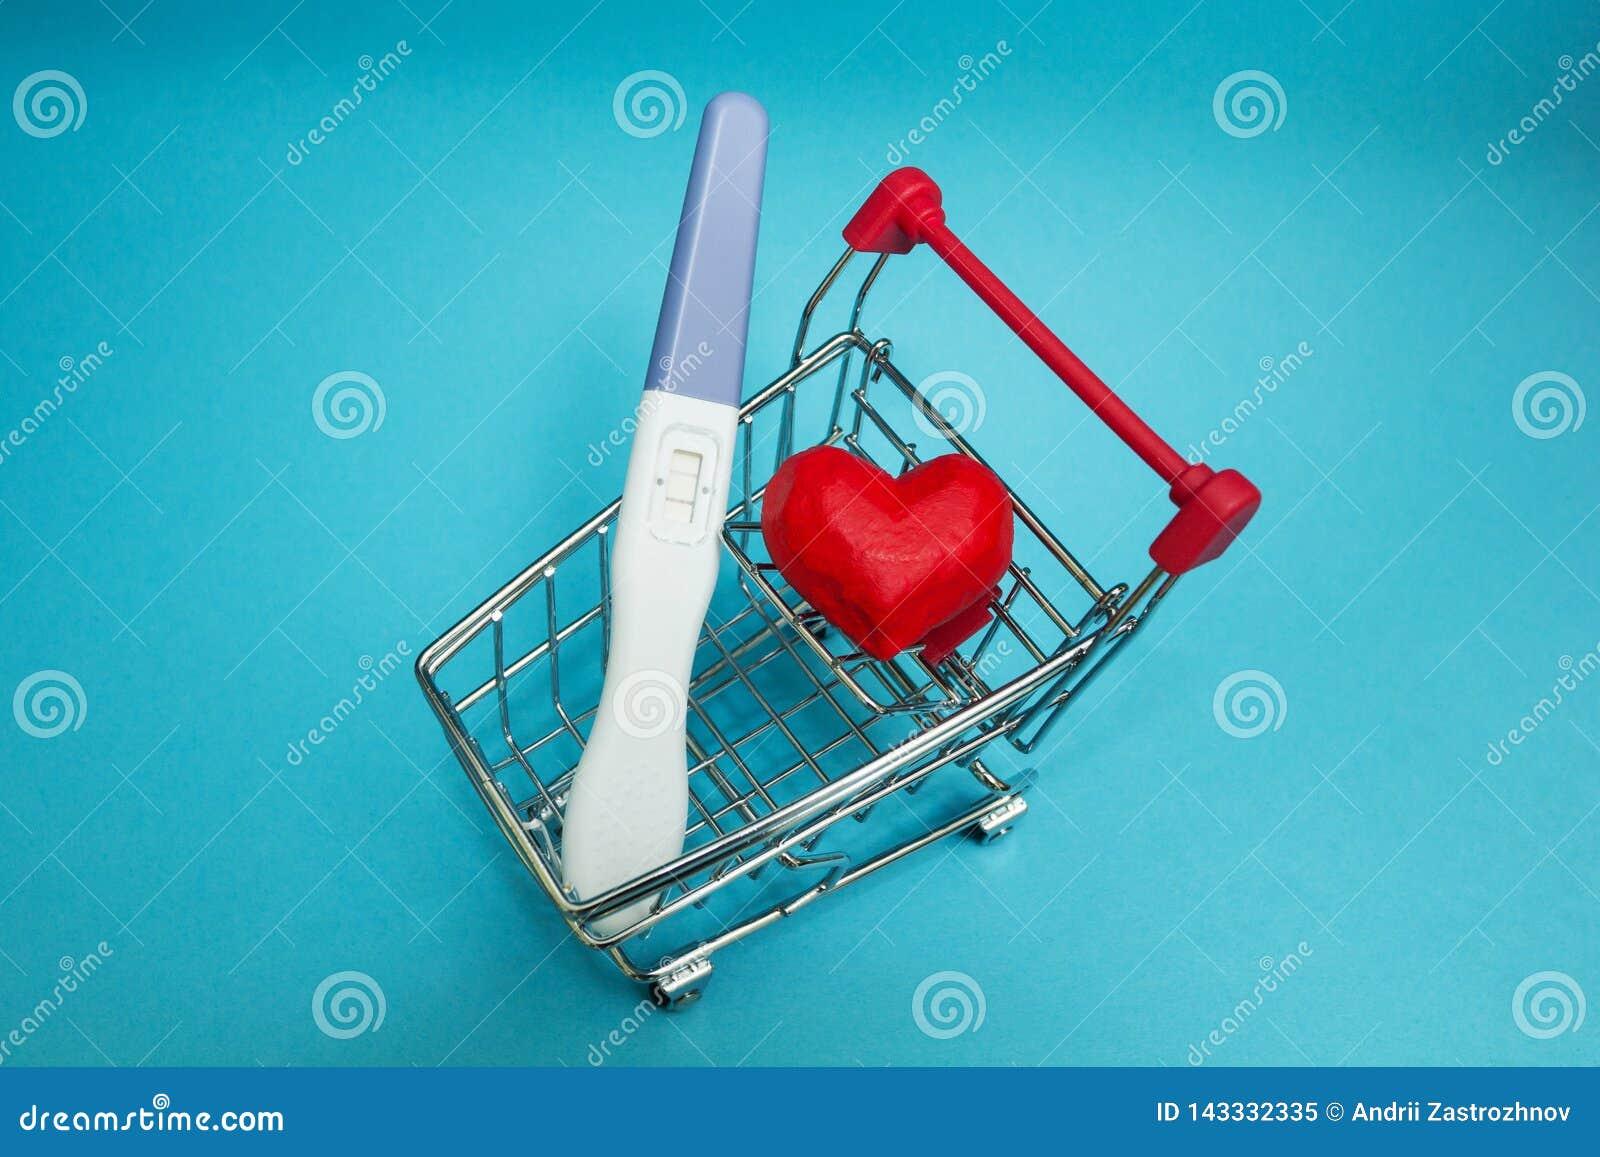 Um teste de gravidez positivo e um coração vermelho em um carrinho de compras